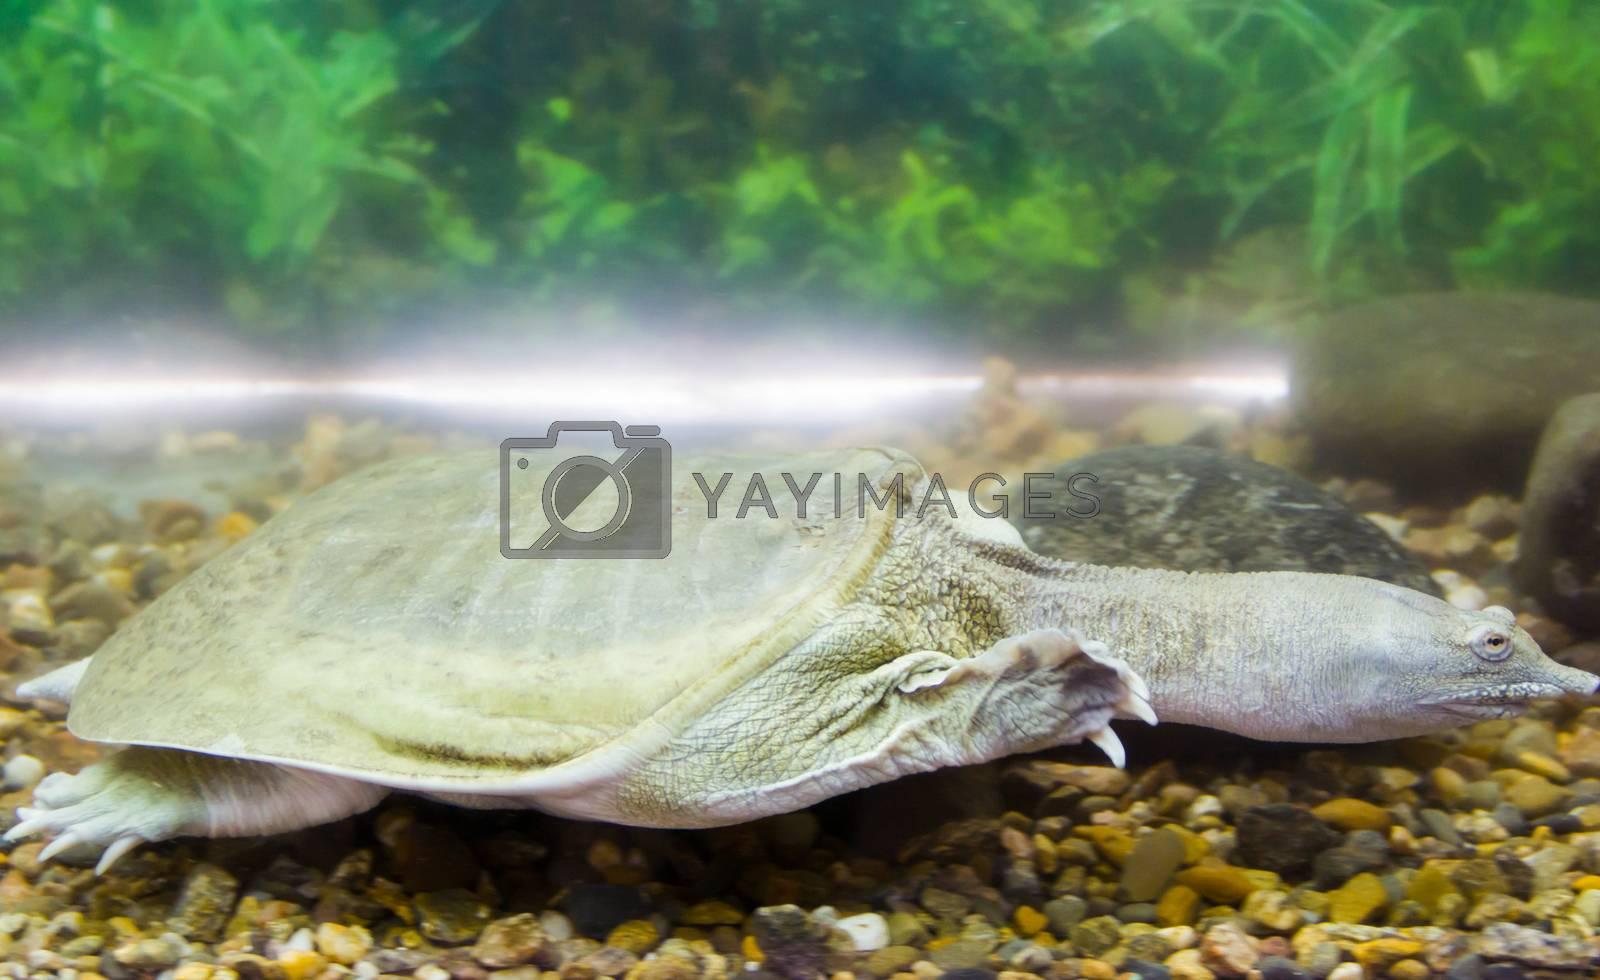 Royalty free image of Chinese turtle by Irinavk